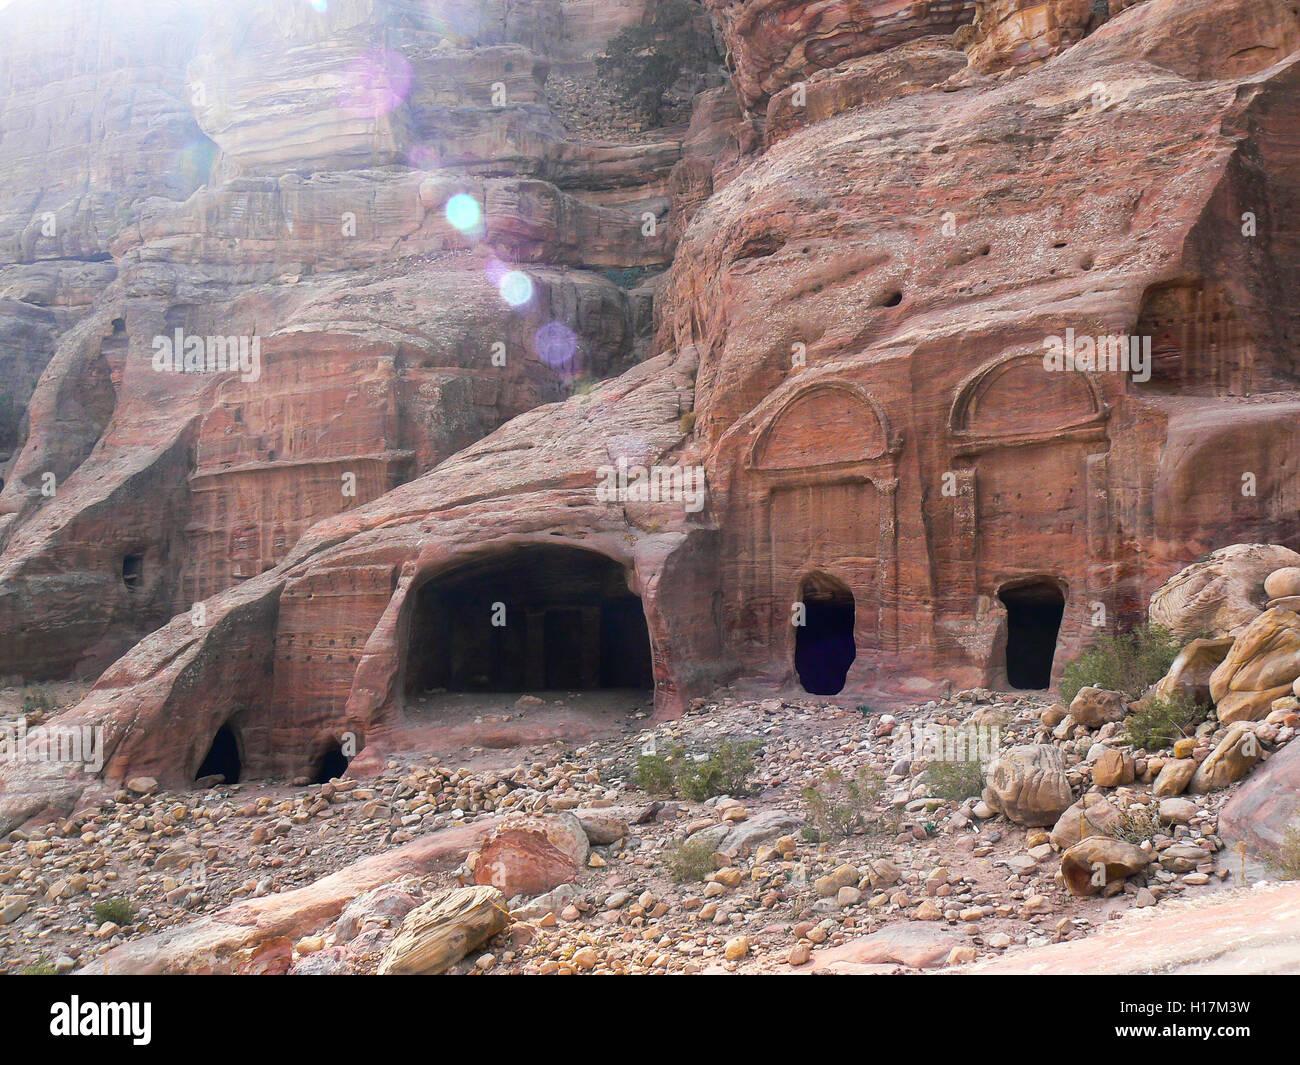 Graves of Petra in Jordan - Stock Image